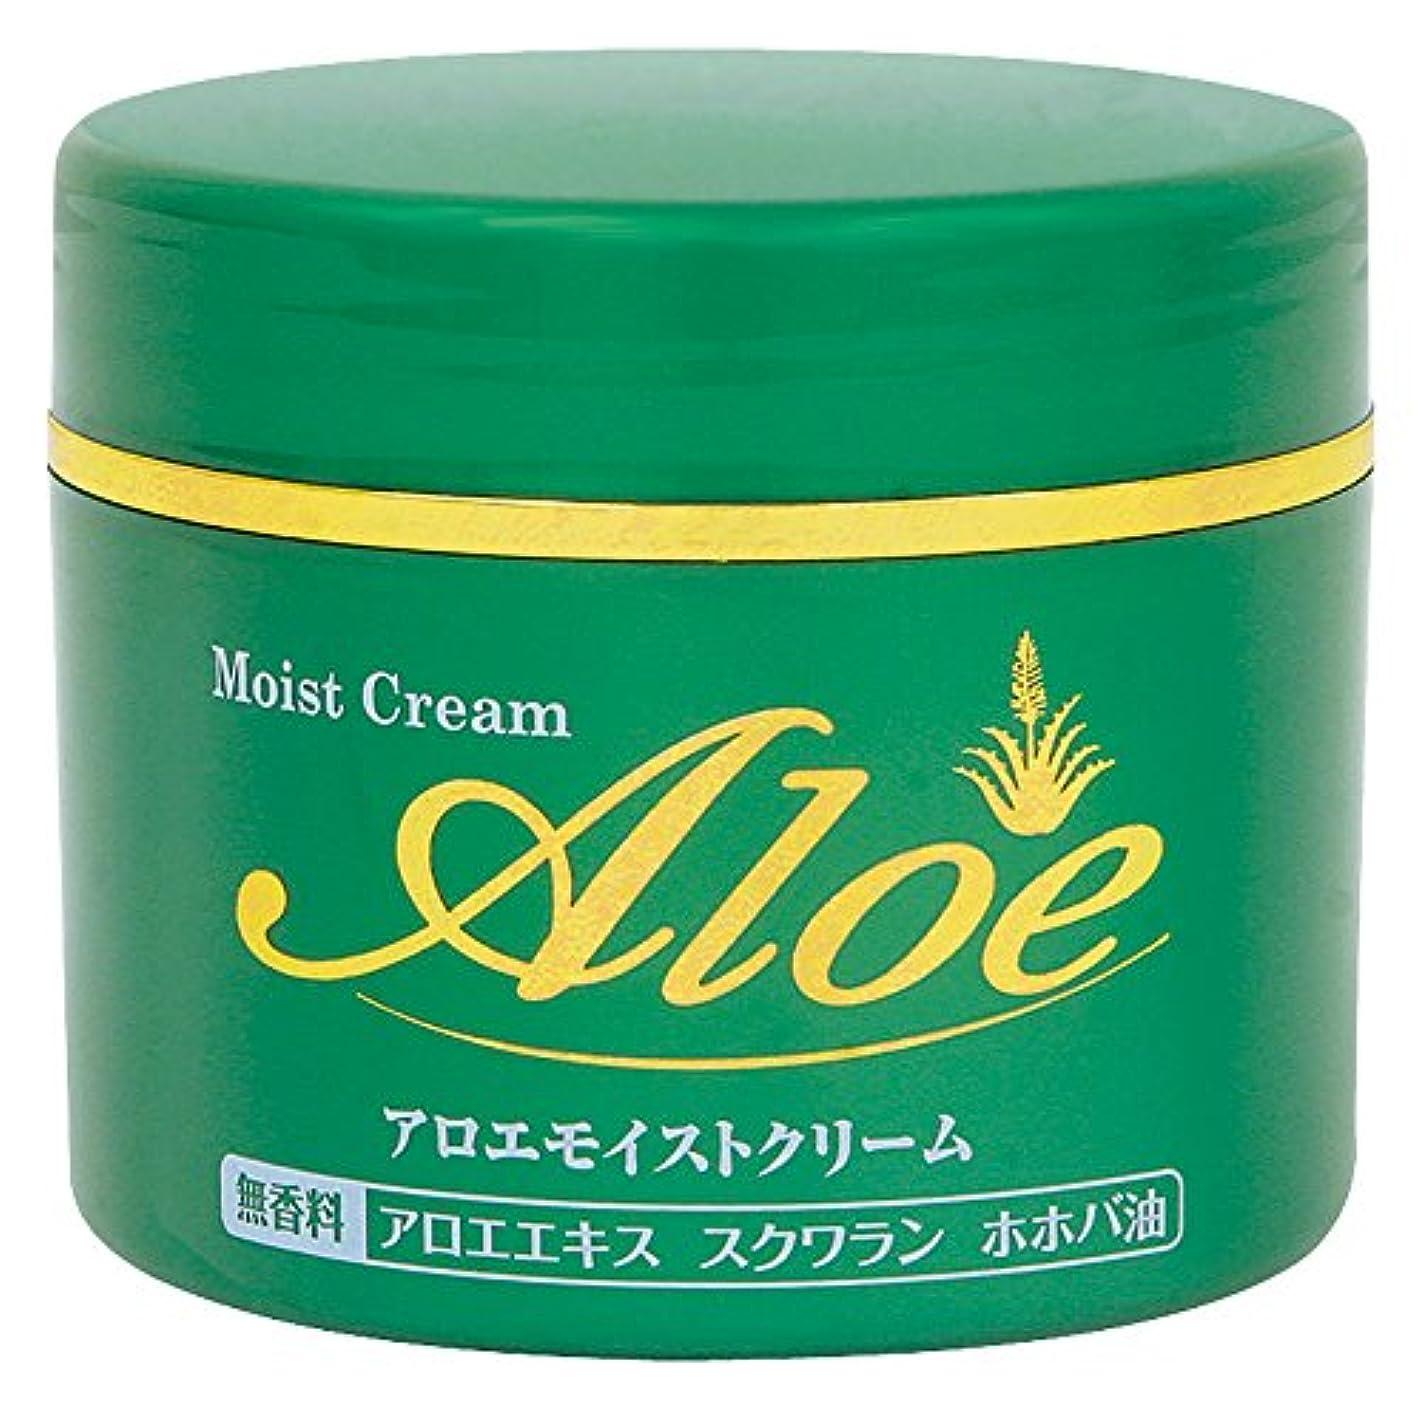 ステッチ通訳スキニー井藤漢方製薬 アロエモイストクリーム 160g (アロエクリーム 化粧品)